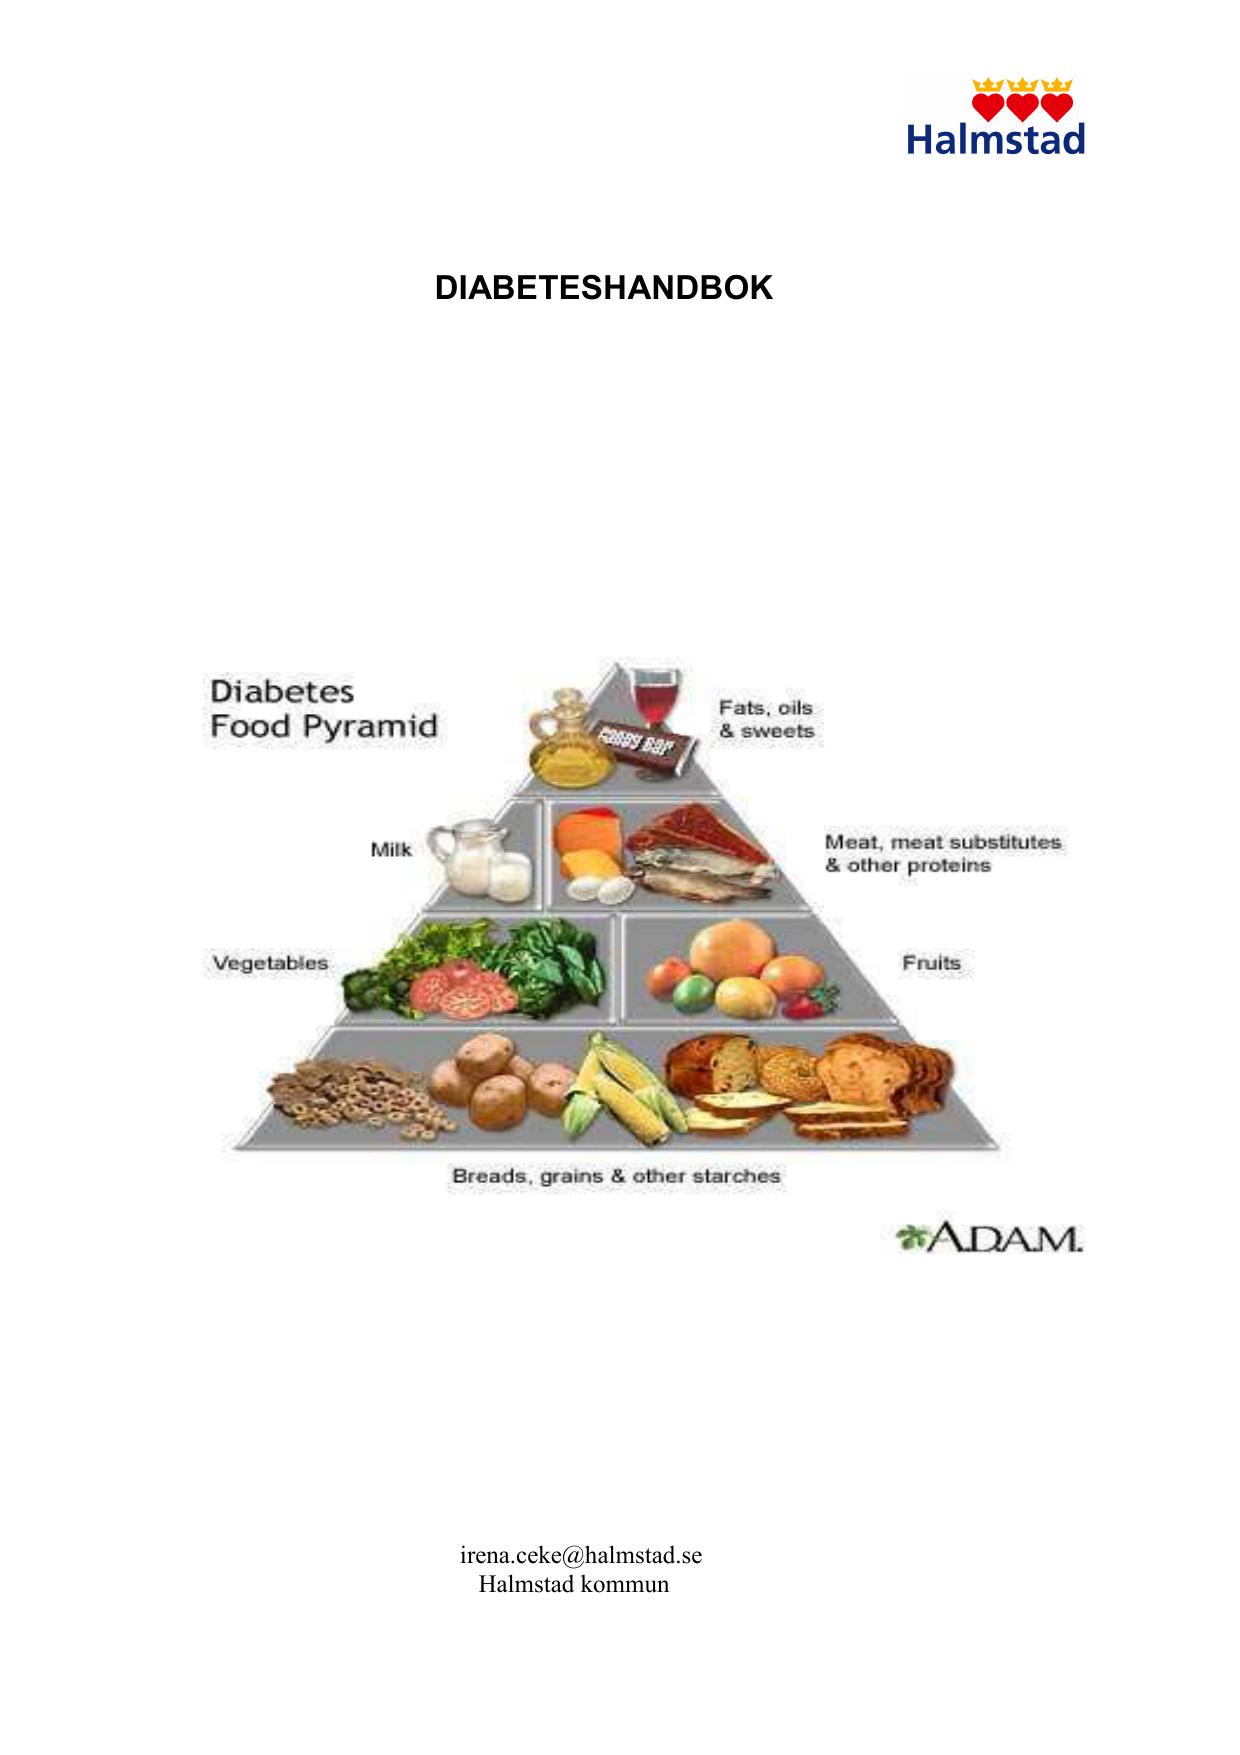 vid viktnedgång kan insulindosen behöva ökas